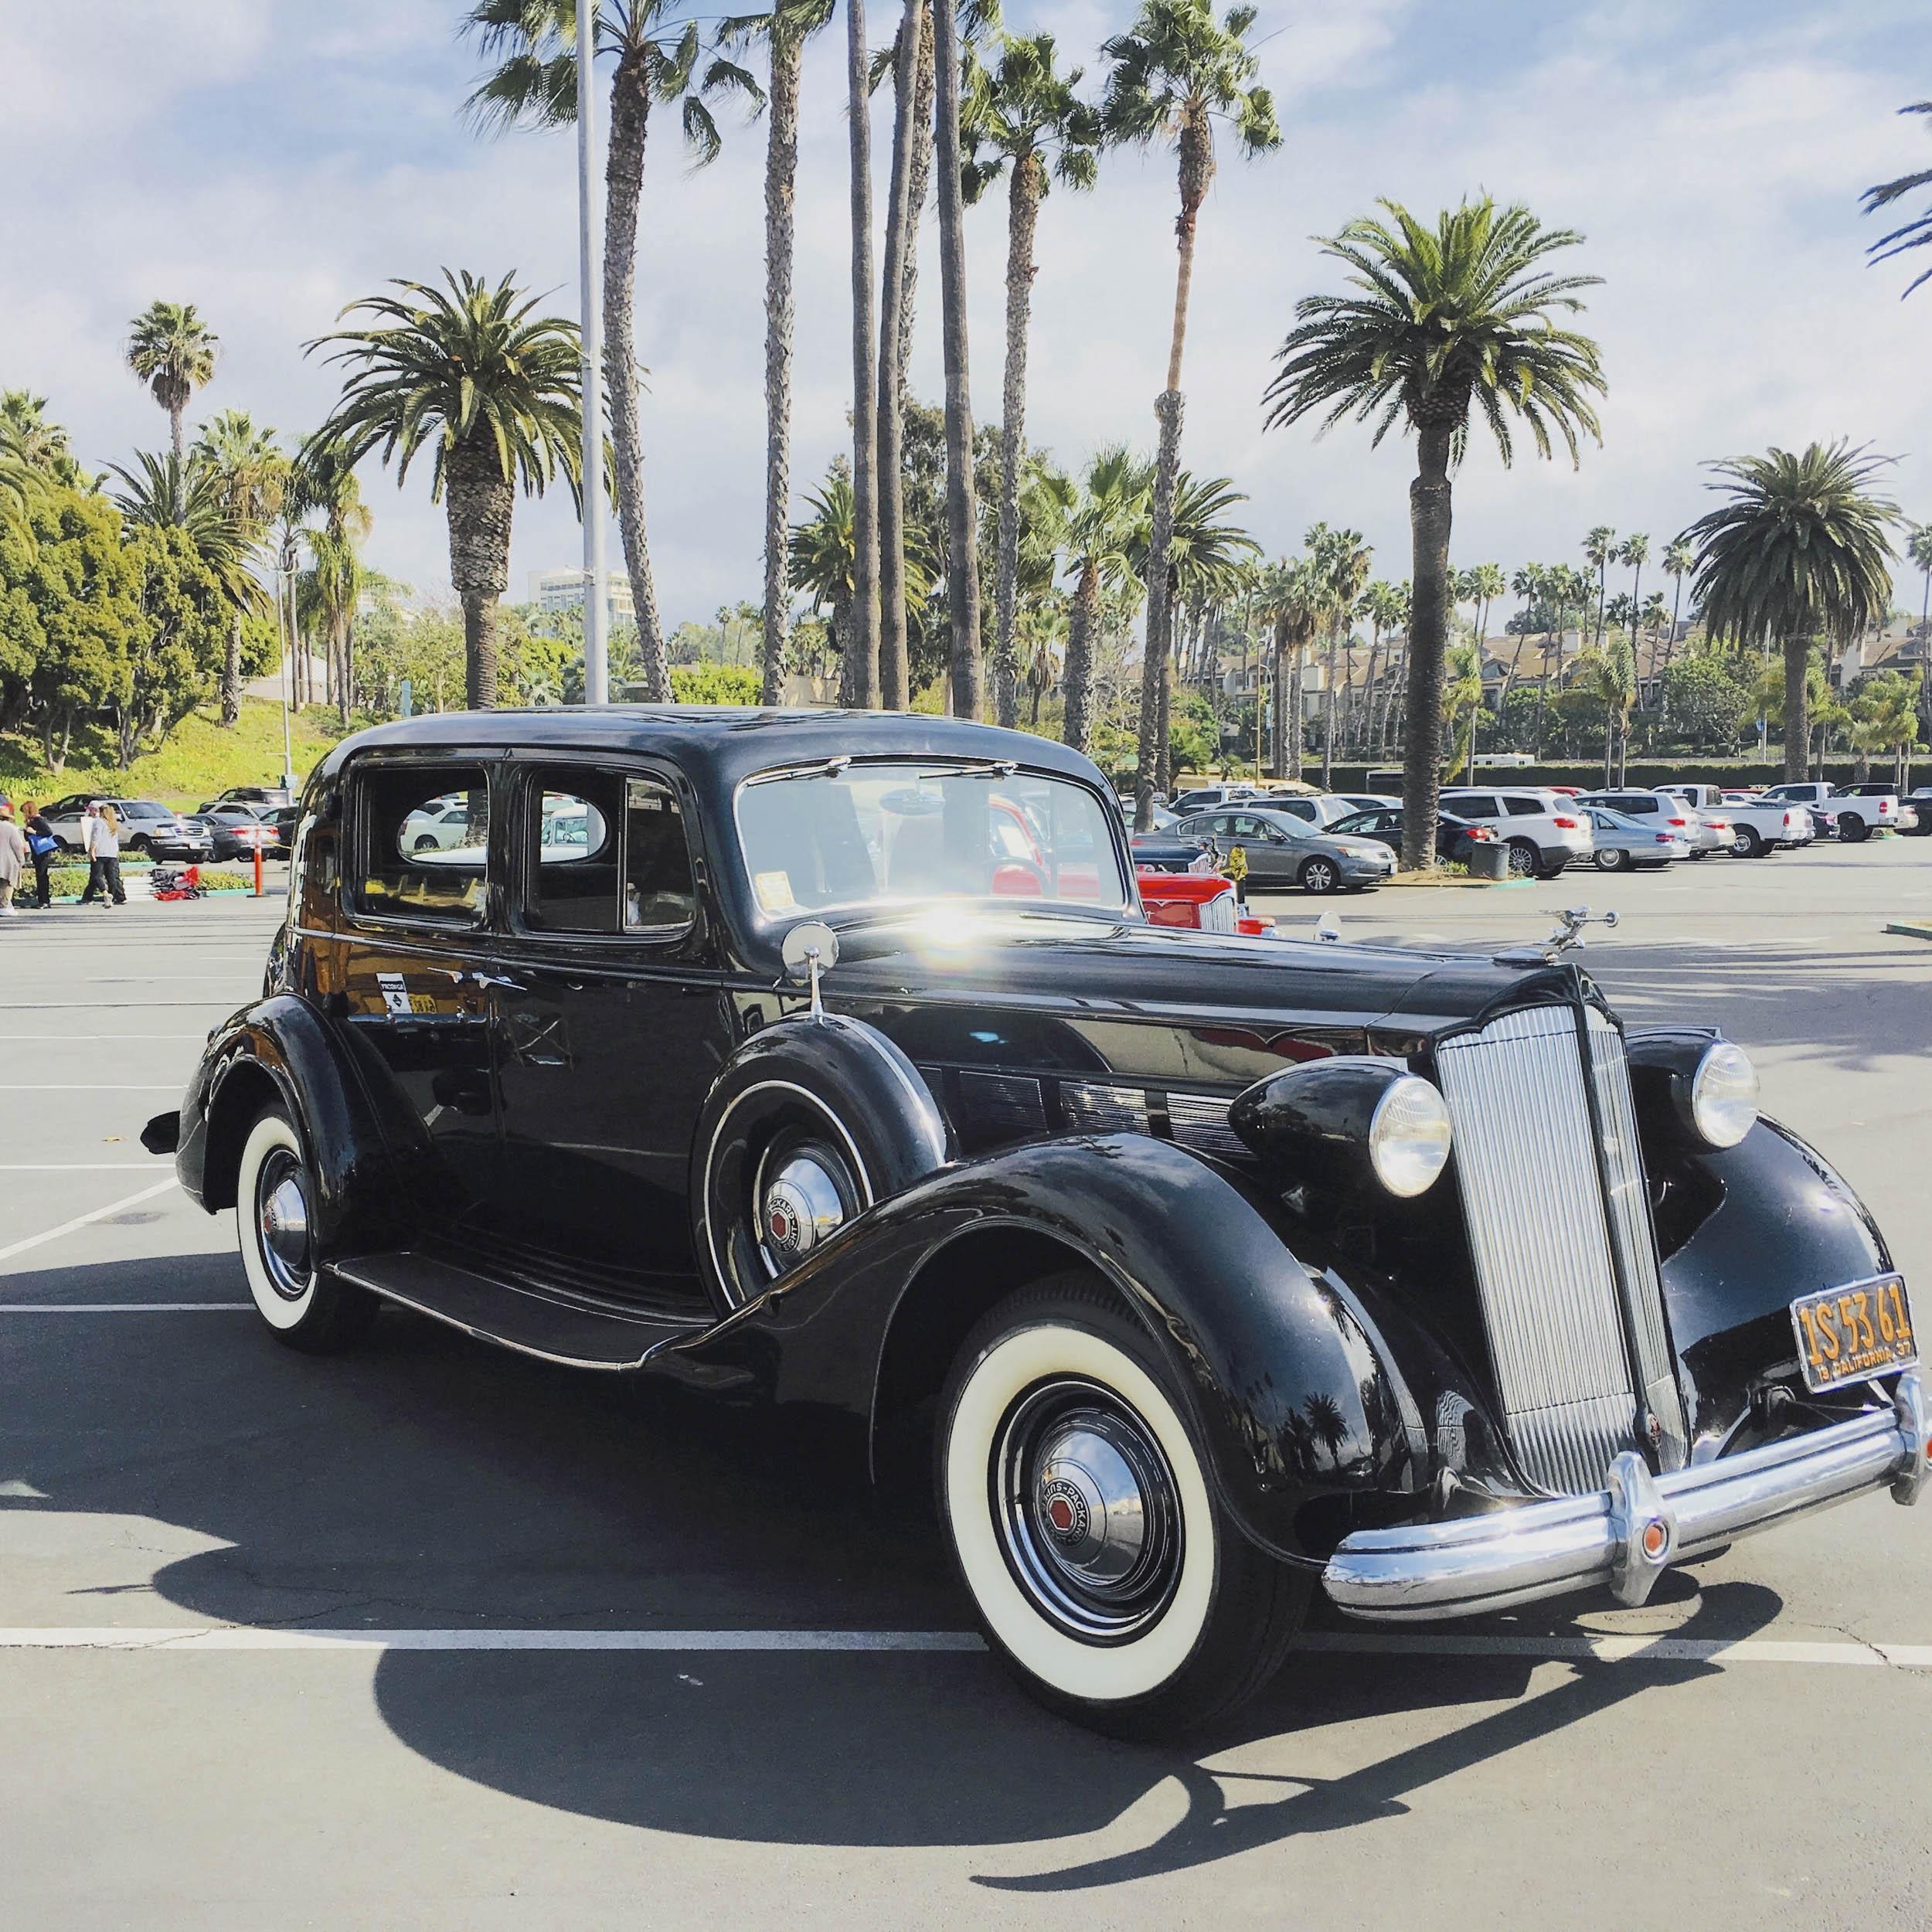 1938 Packard super eight brougham